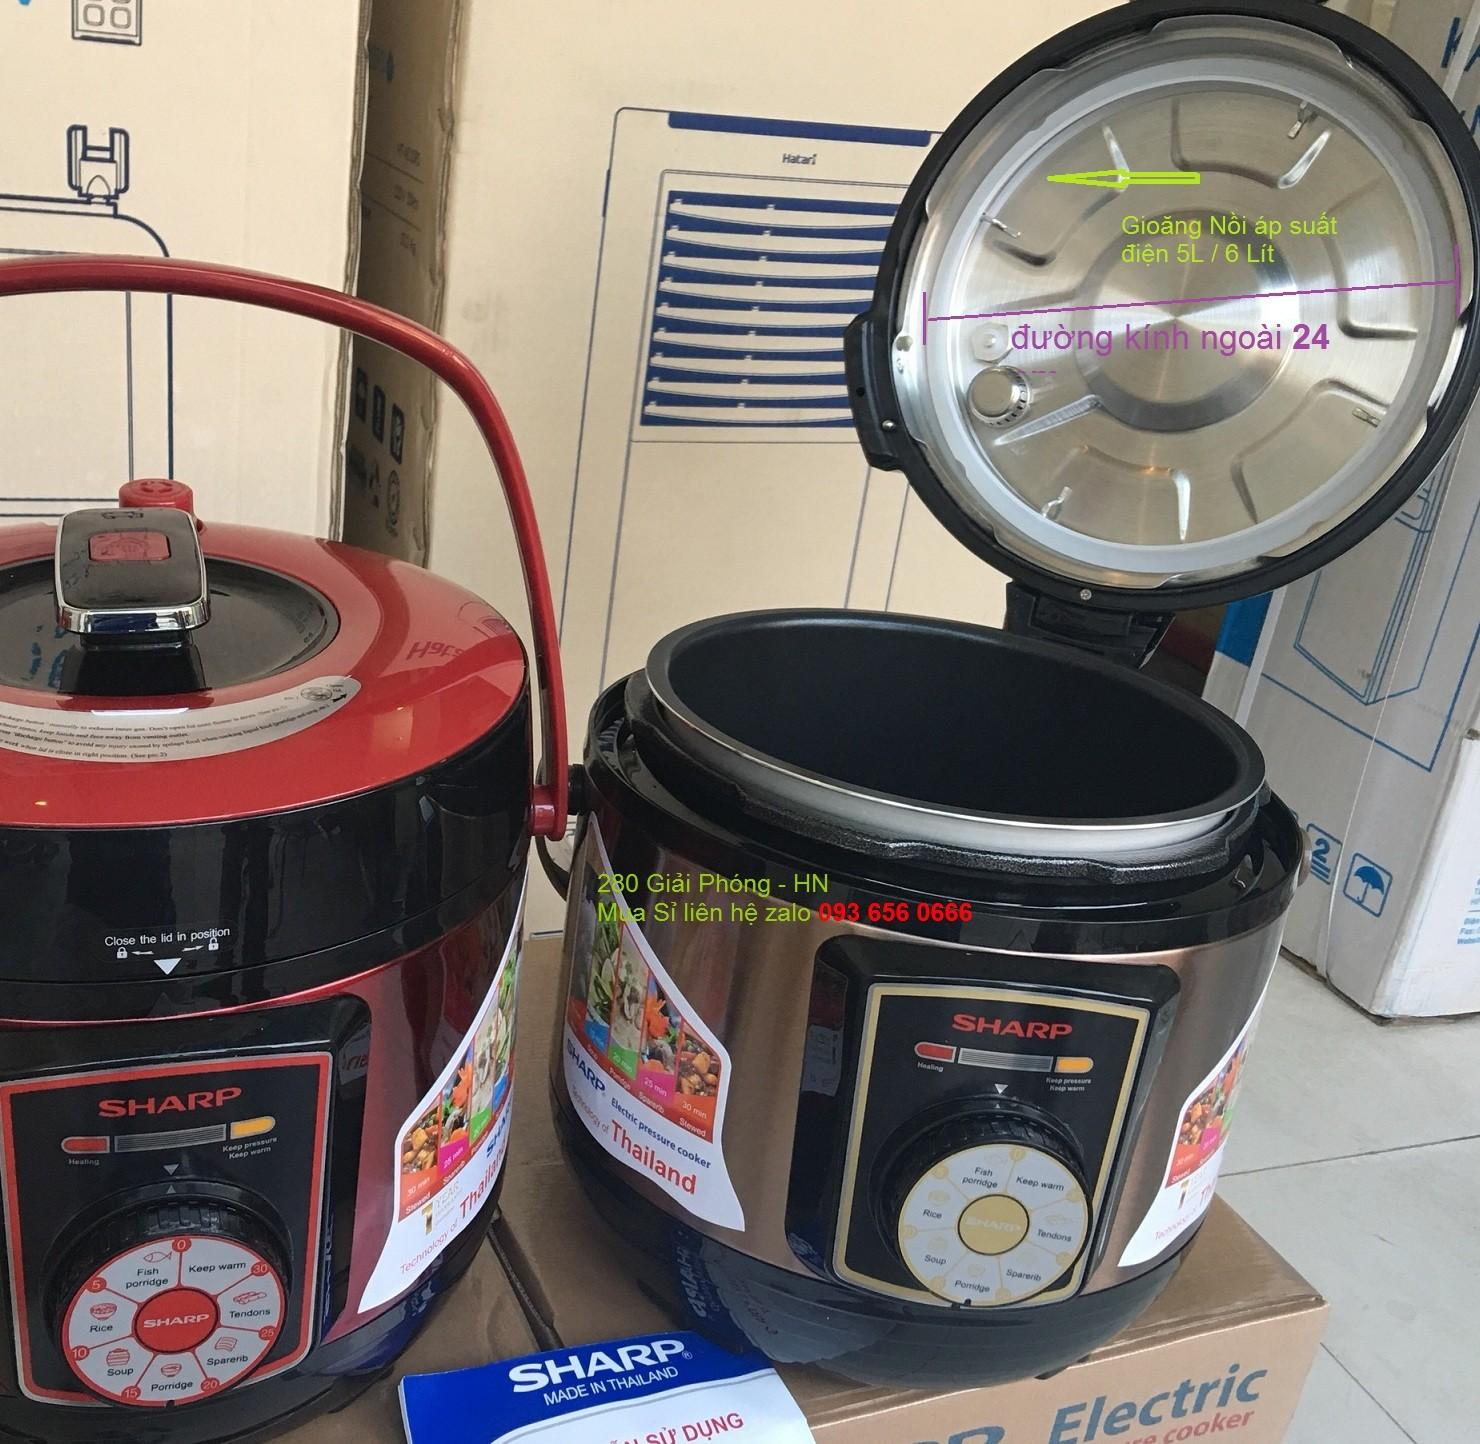 Bộ 2 cái gioăng nồi áp suất điện Sunhouse 5 lít 6 lít - 2gioangdien24